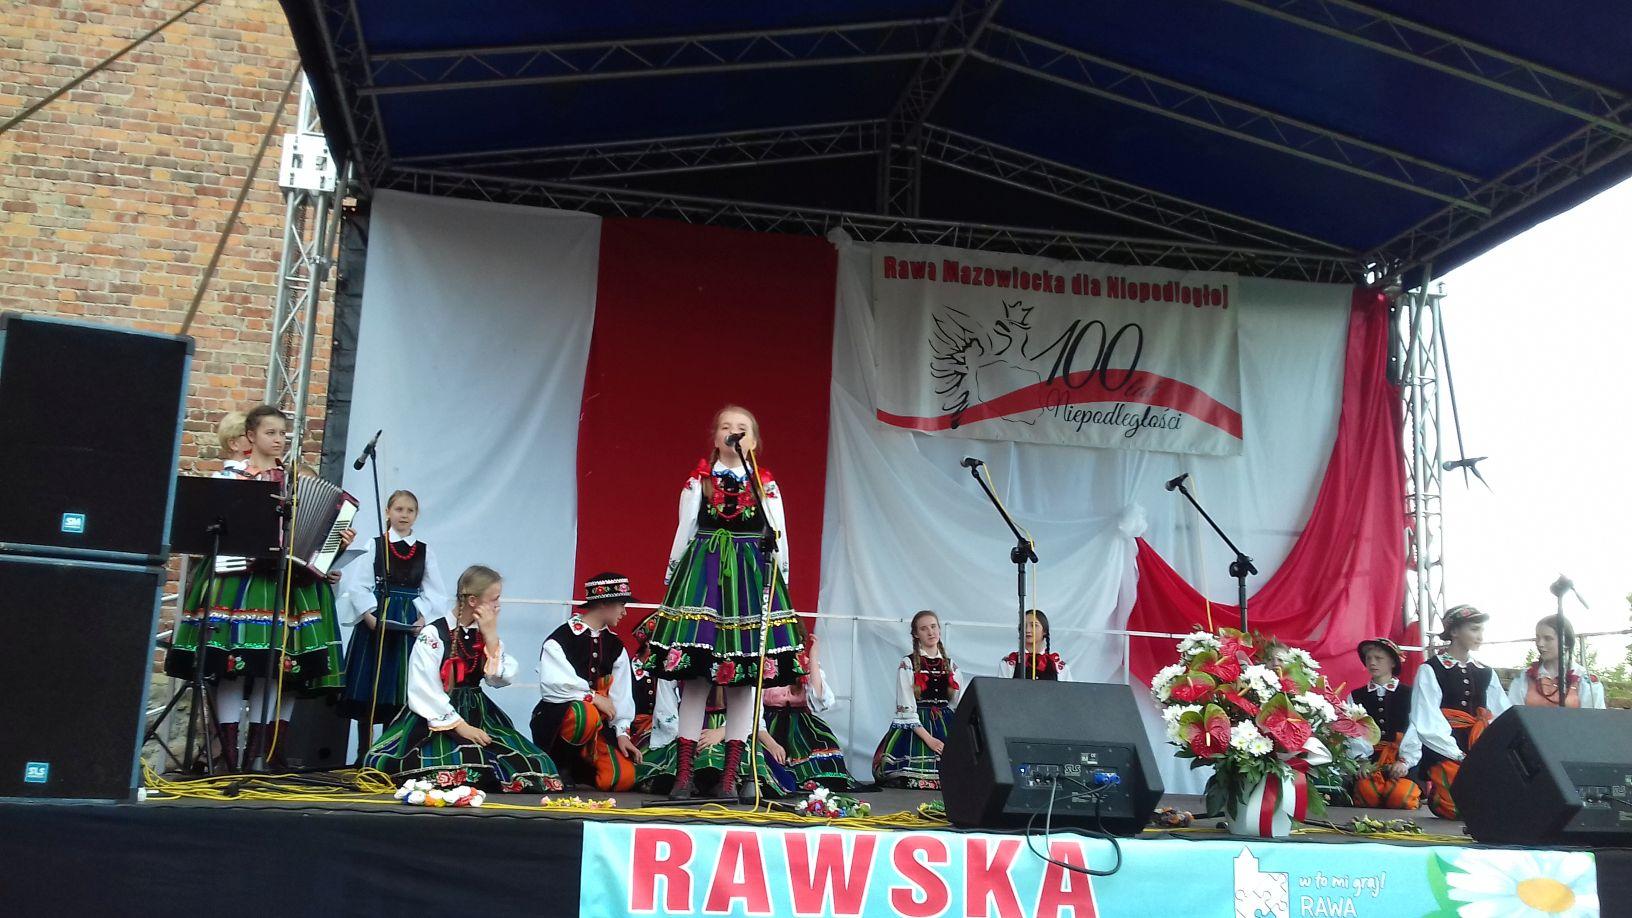 2018-05-03 Rawa Mazowiecka - Radosne Święto (60)